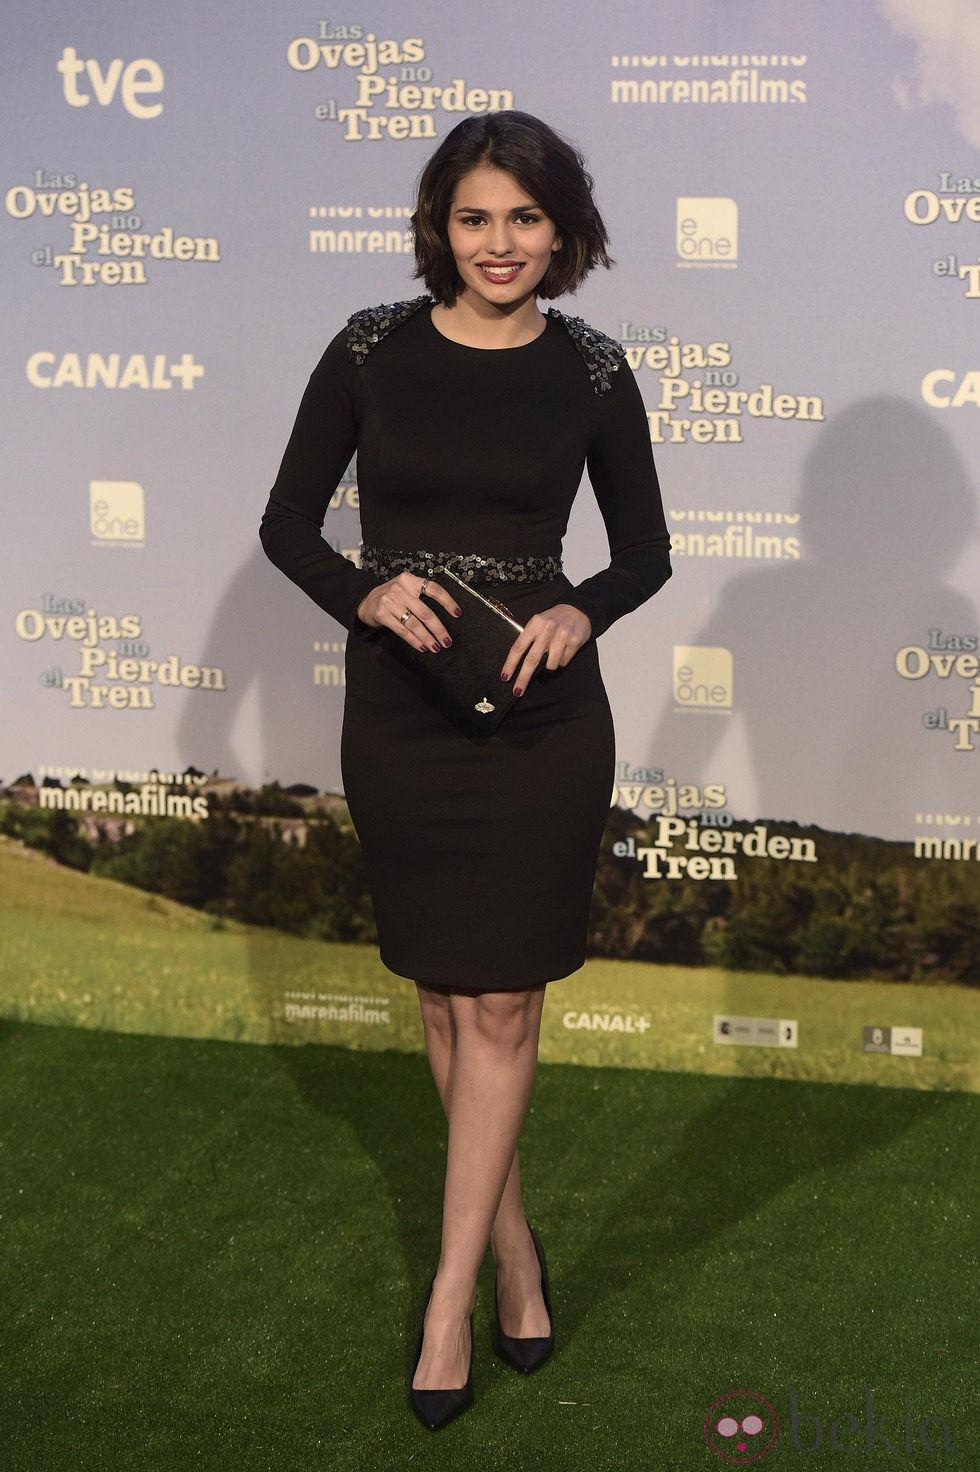 Sara Sálamo en el estreno de 'Las ovejas no pierden el tren'